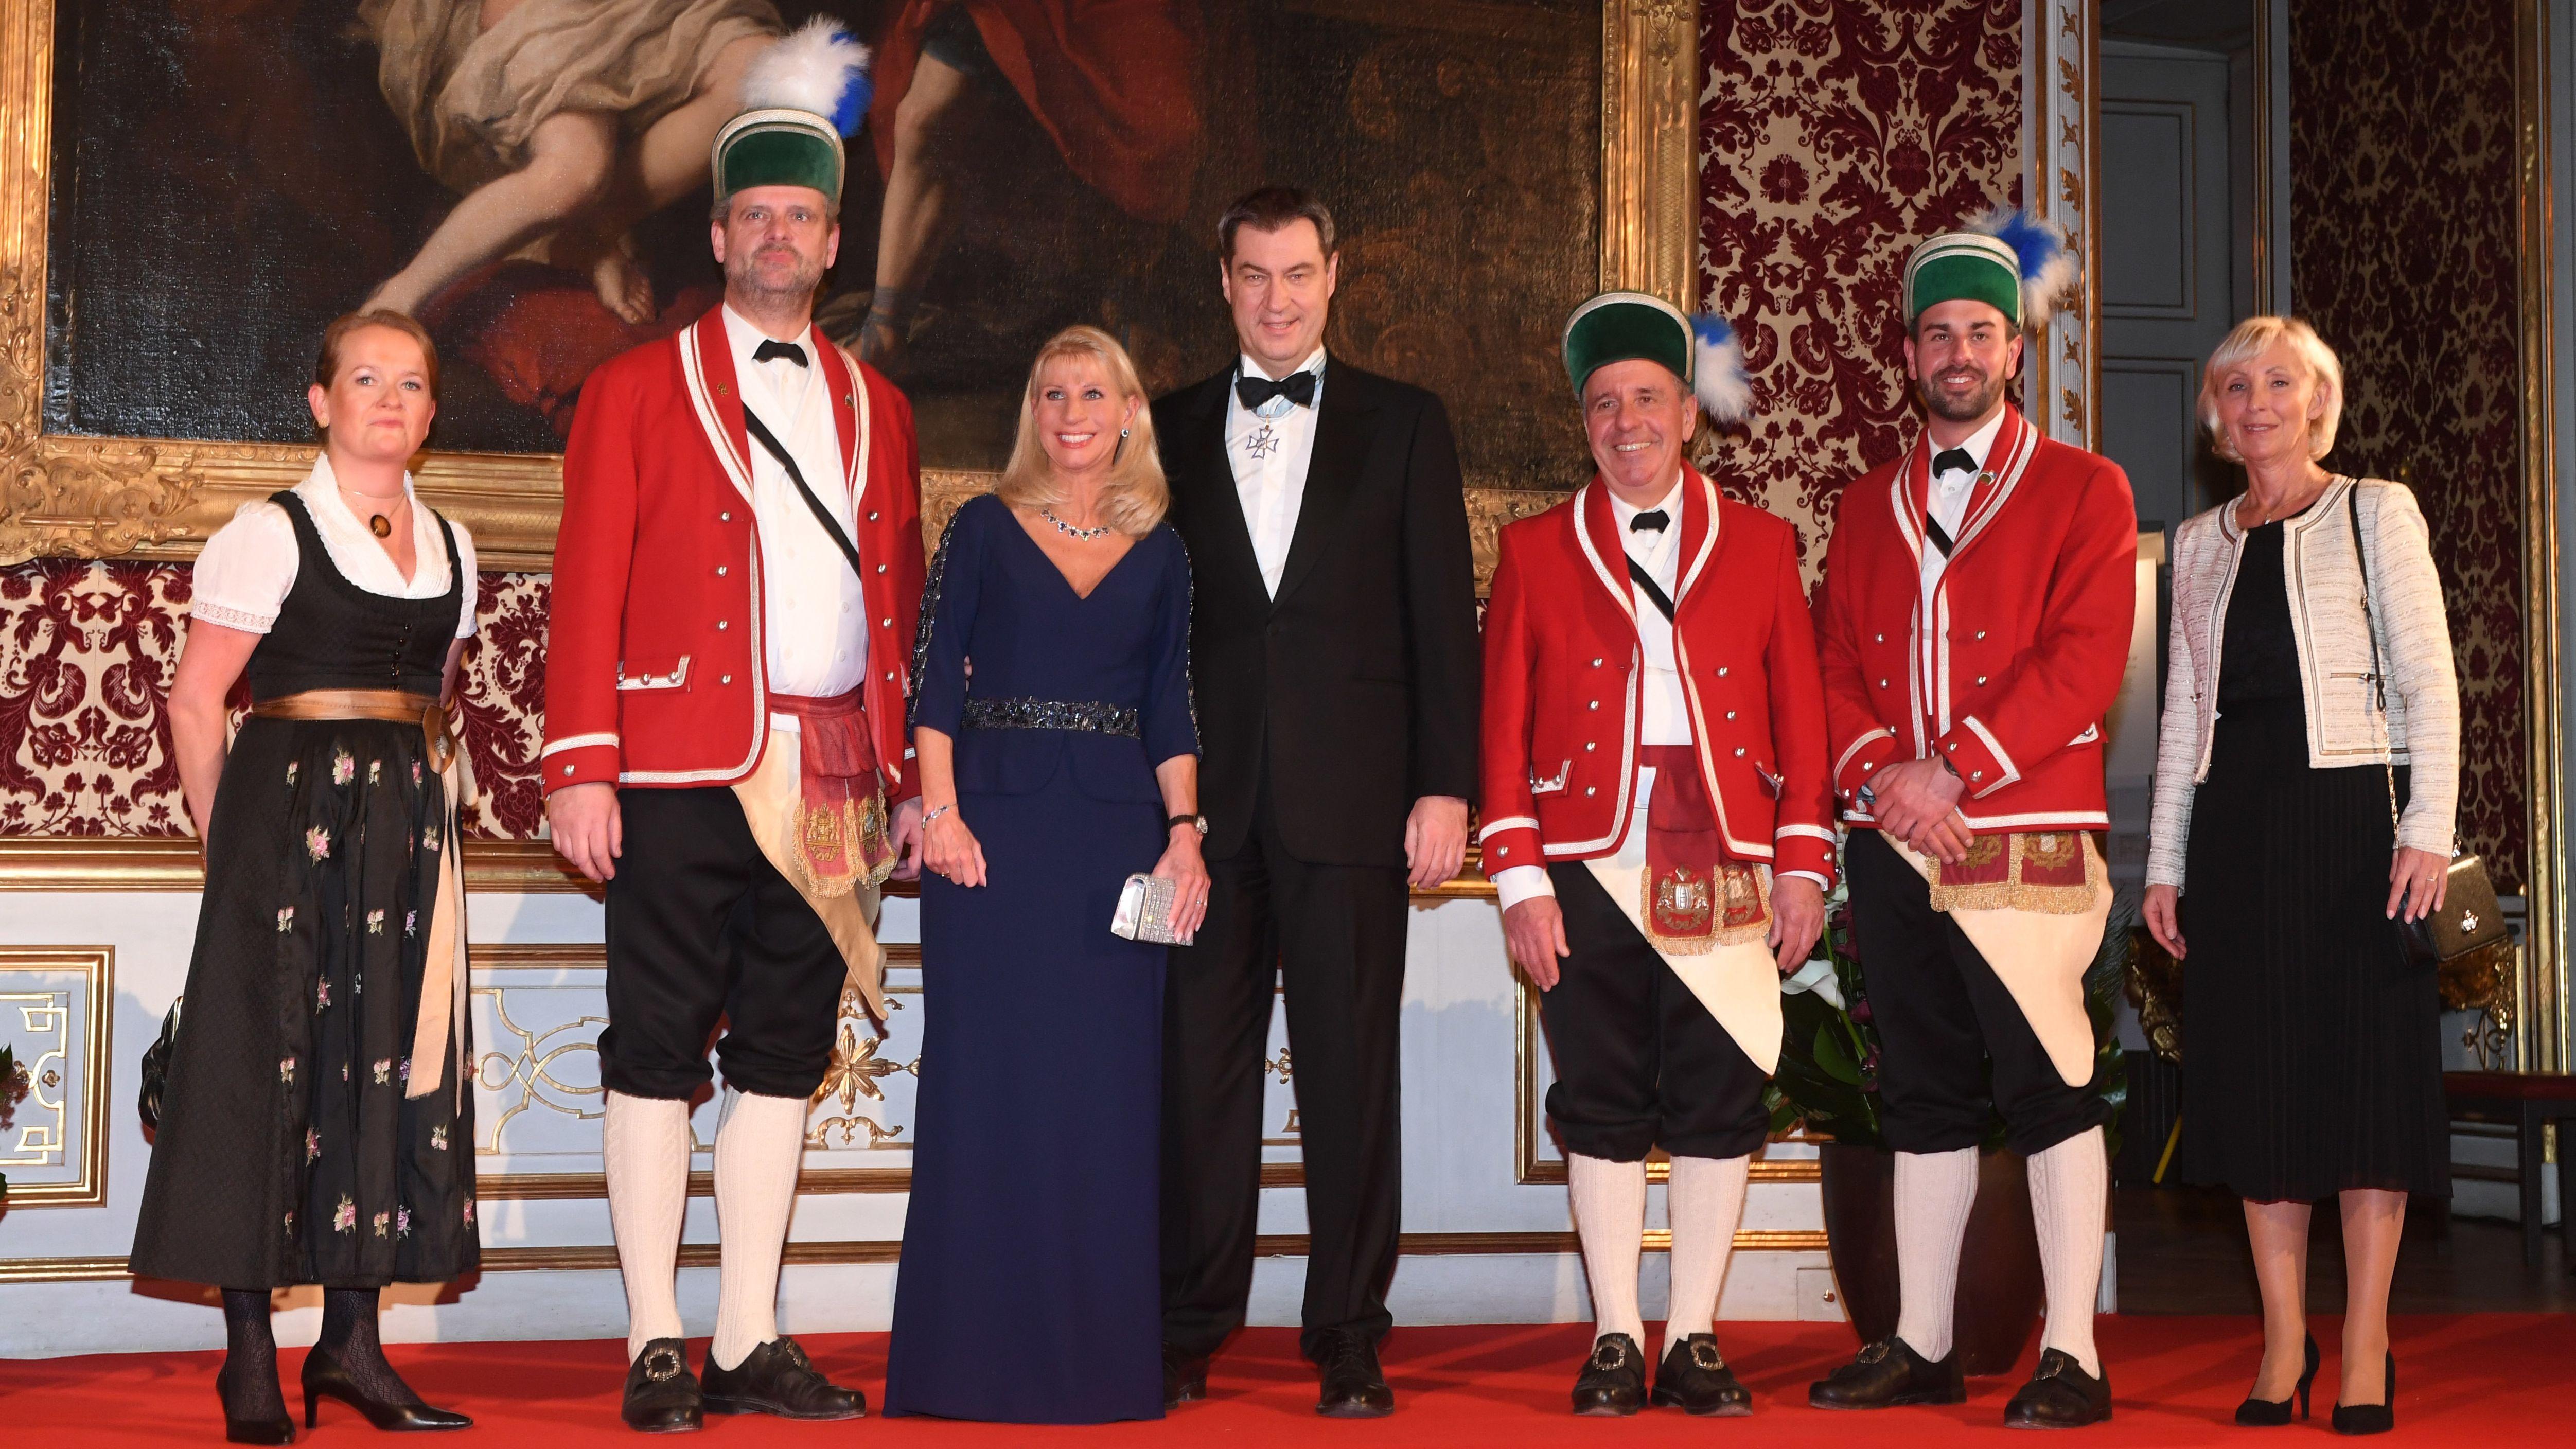 Ministerpräsident Markus Söder beim Neujahrsempfang 2020 in der Residenz München